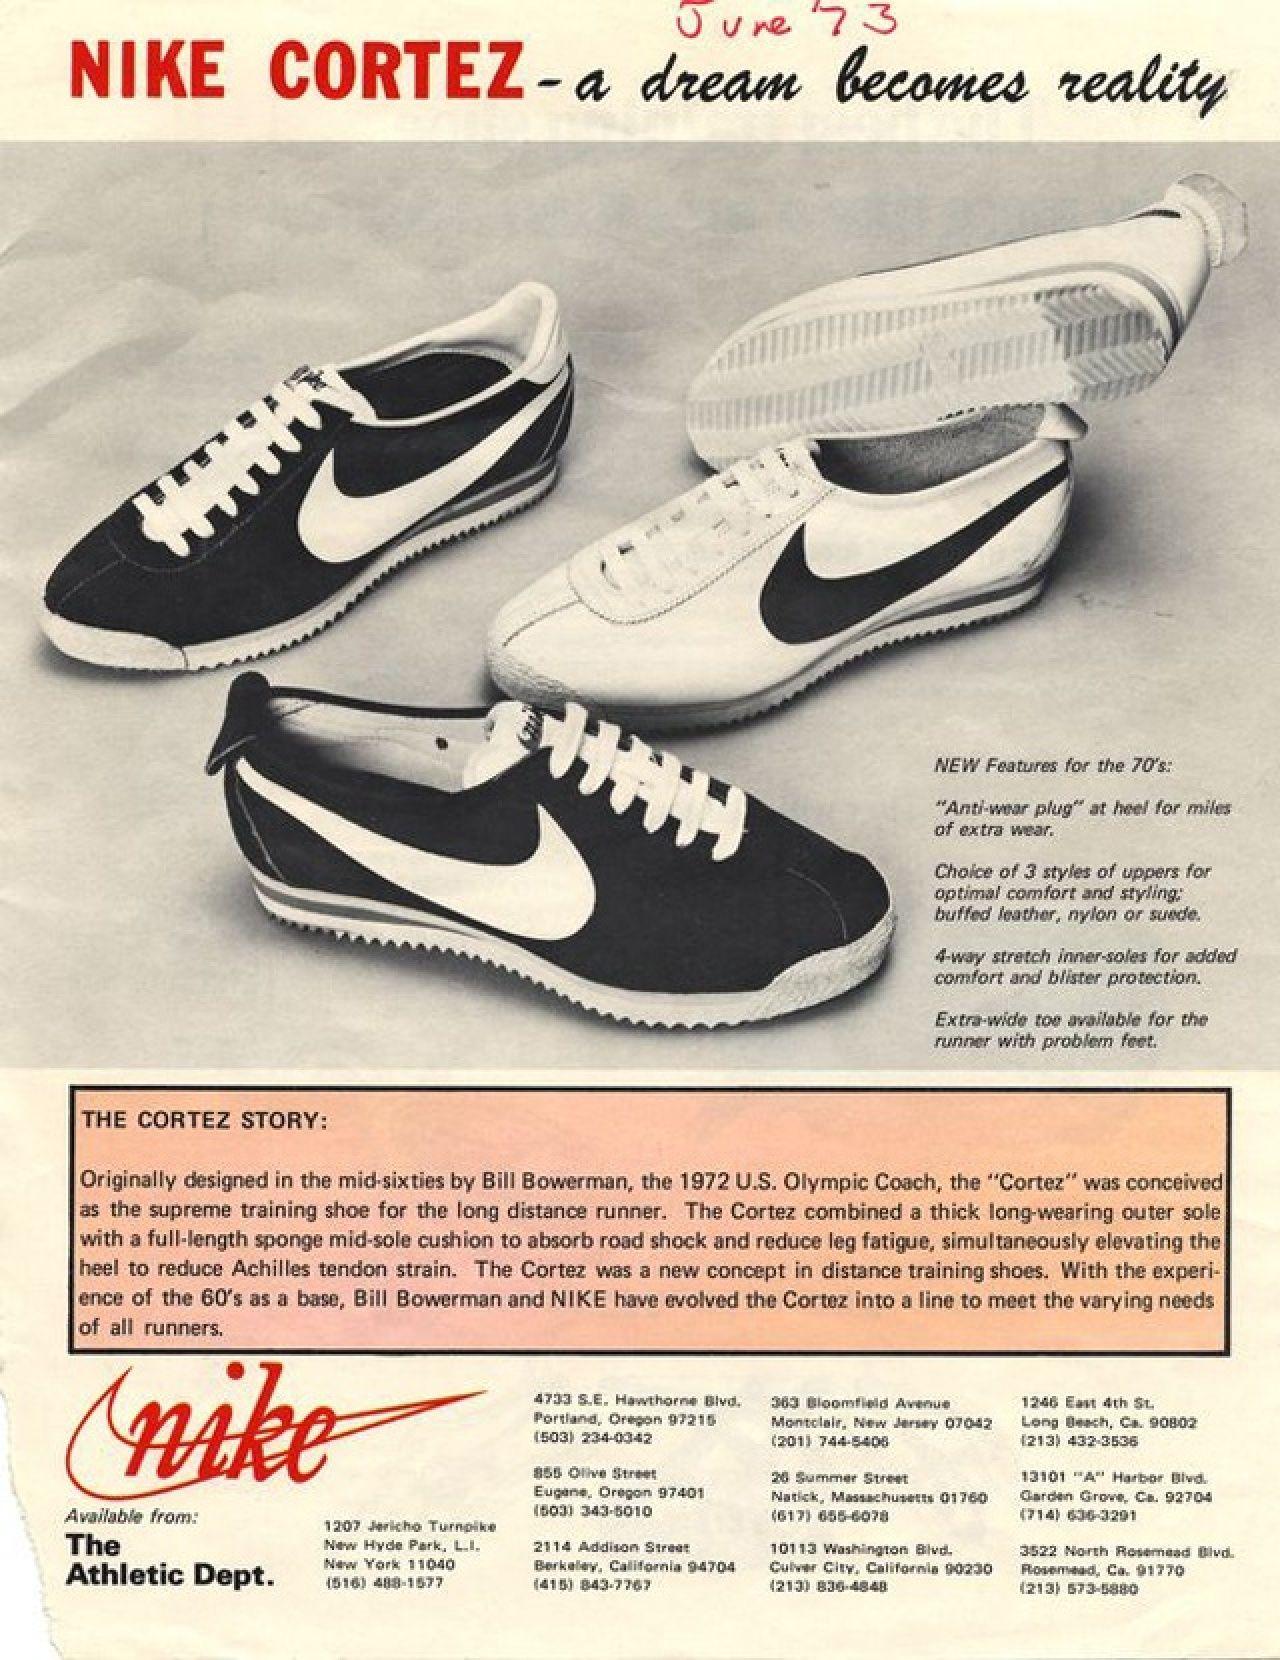 談到Cortez的背景,幾乎等如一次Nike品牌故事的回顧。很多人認為Cortez跟日本國民跑步品牌Onitsuka Tiger的Corsair,無論……